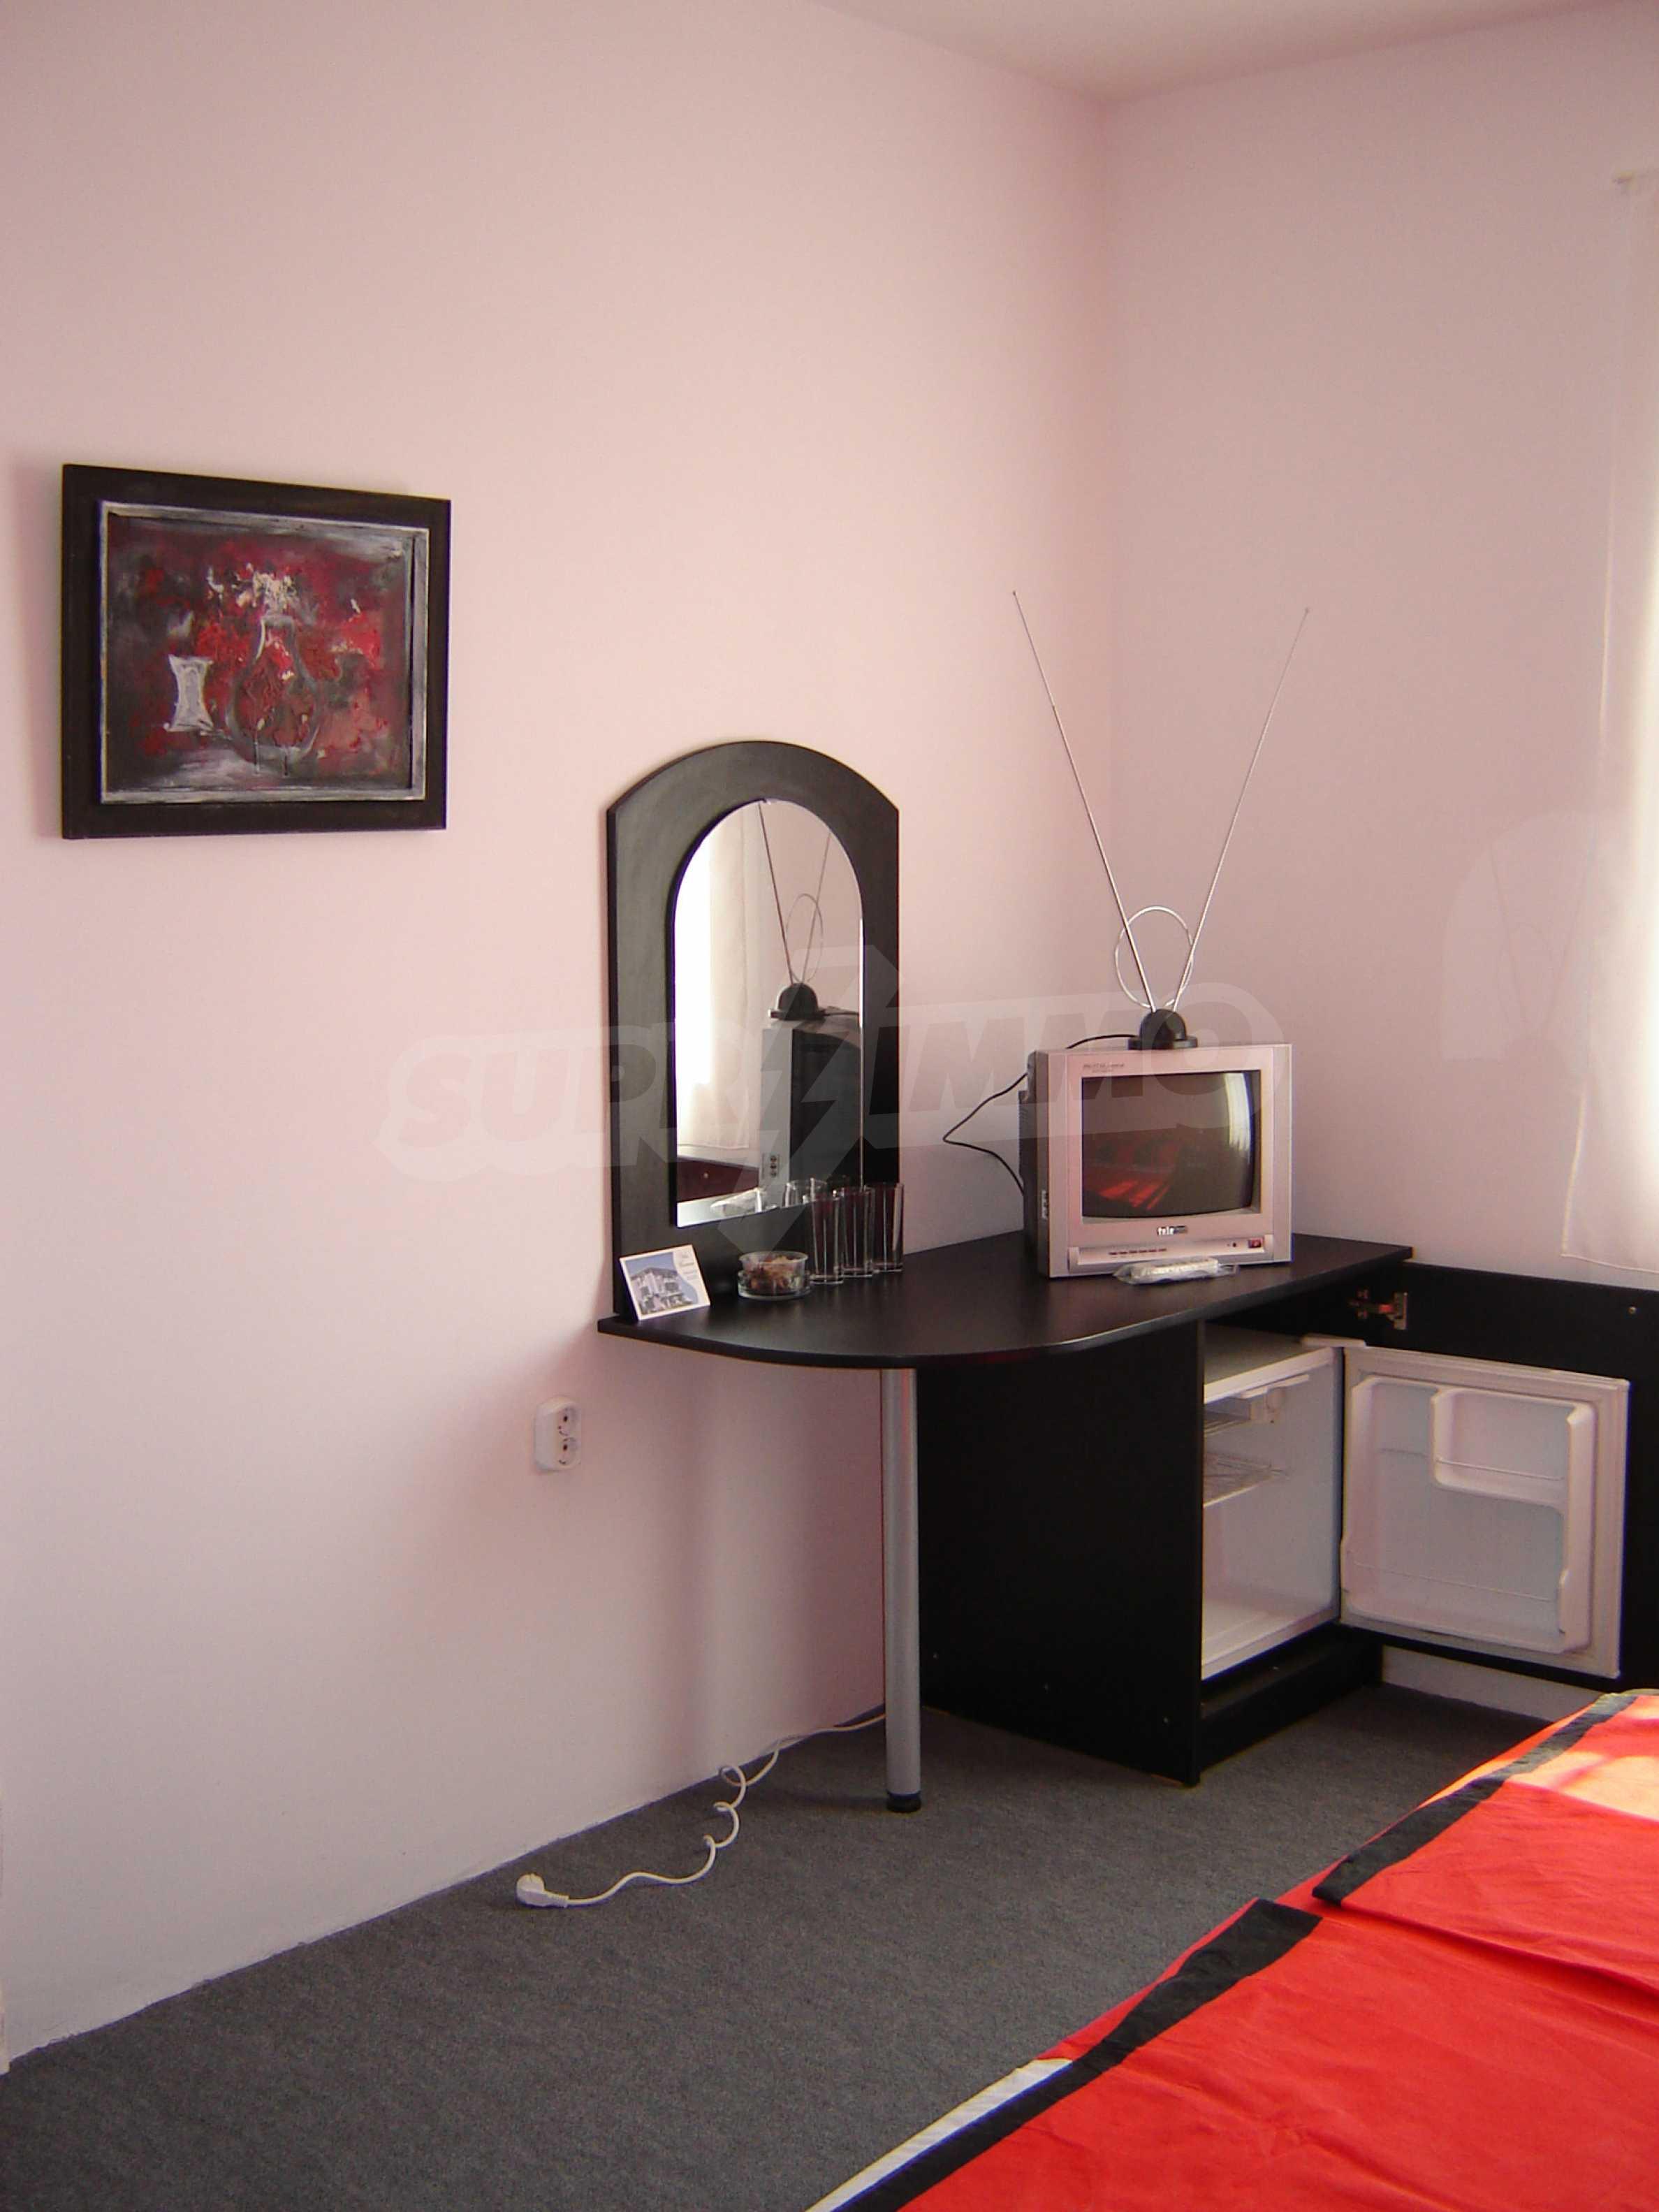 House of family hotel type for sale in Primorsko 19